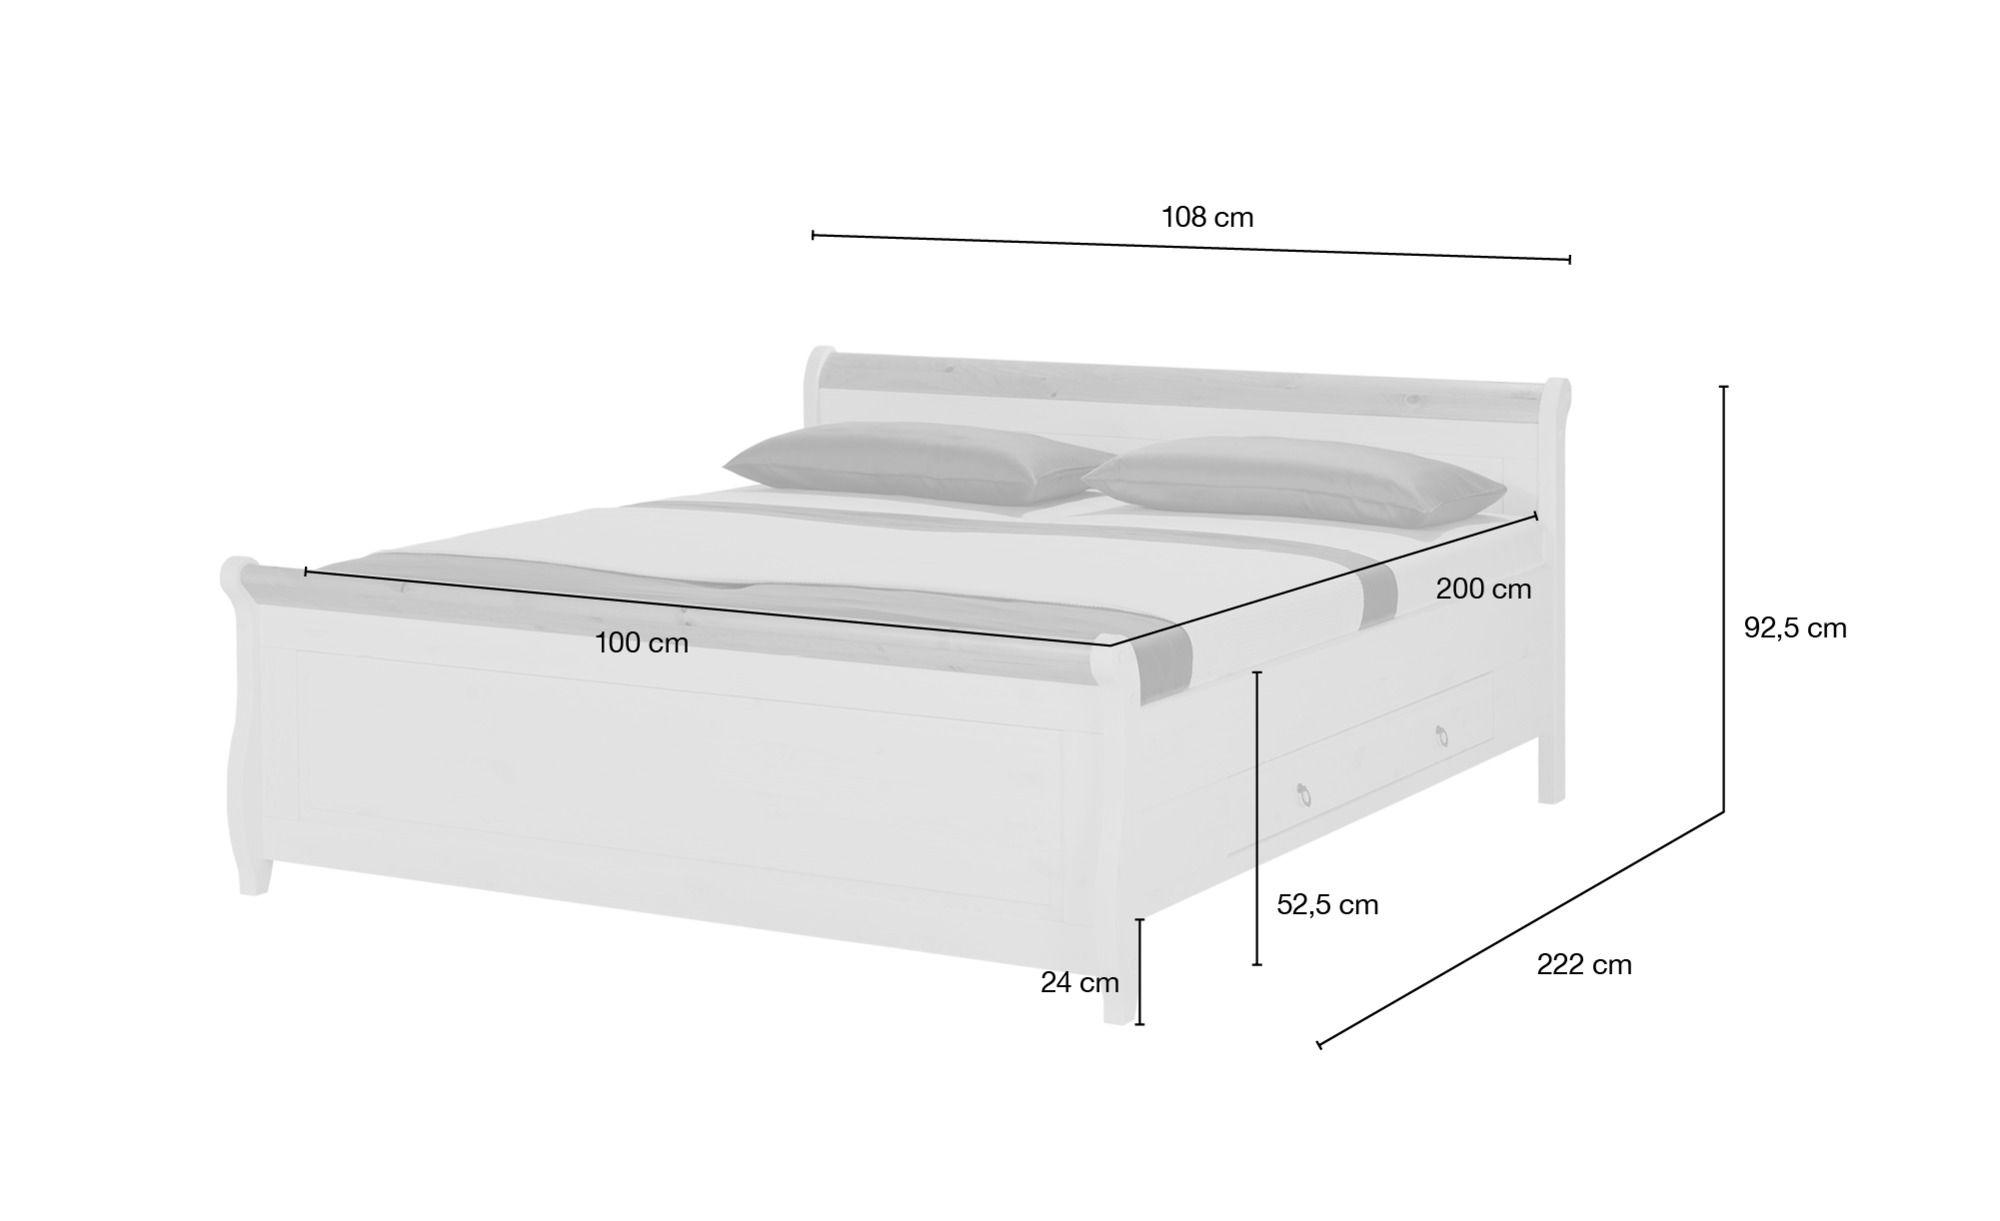 Bettgestell 100x200 Weiß Kiefer Landhaus Stil Bornholm